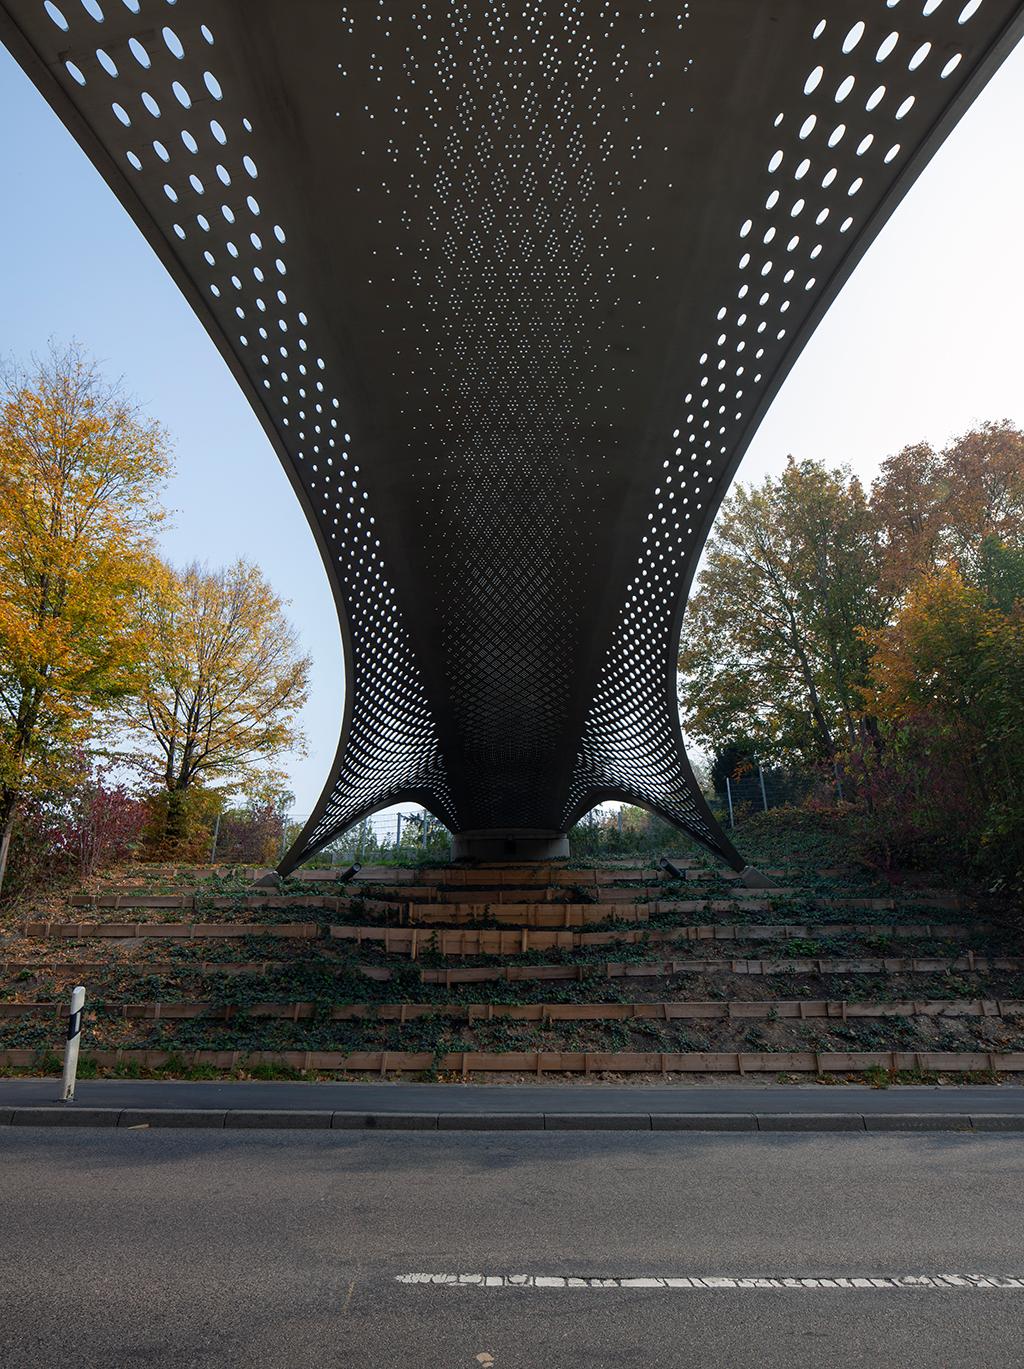 In der Untersicht der Brücke von der Gerlinger Straße aus erschließt sich der transluzente Reiz der Brücke. (Bild: Wilfried Dechau)